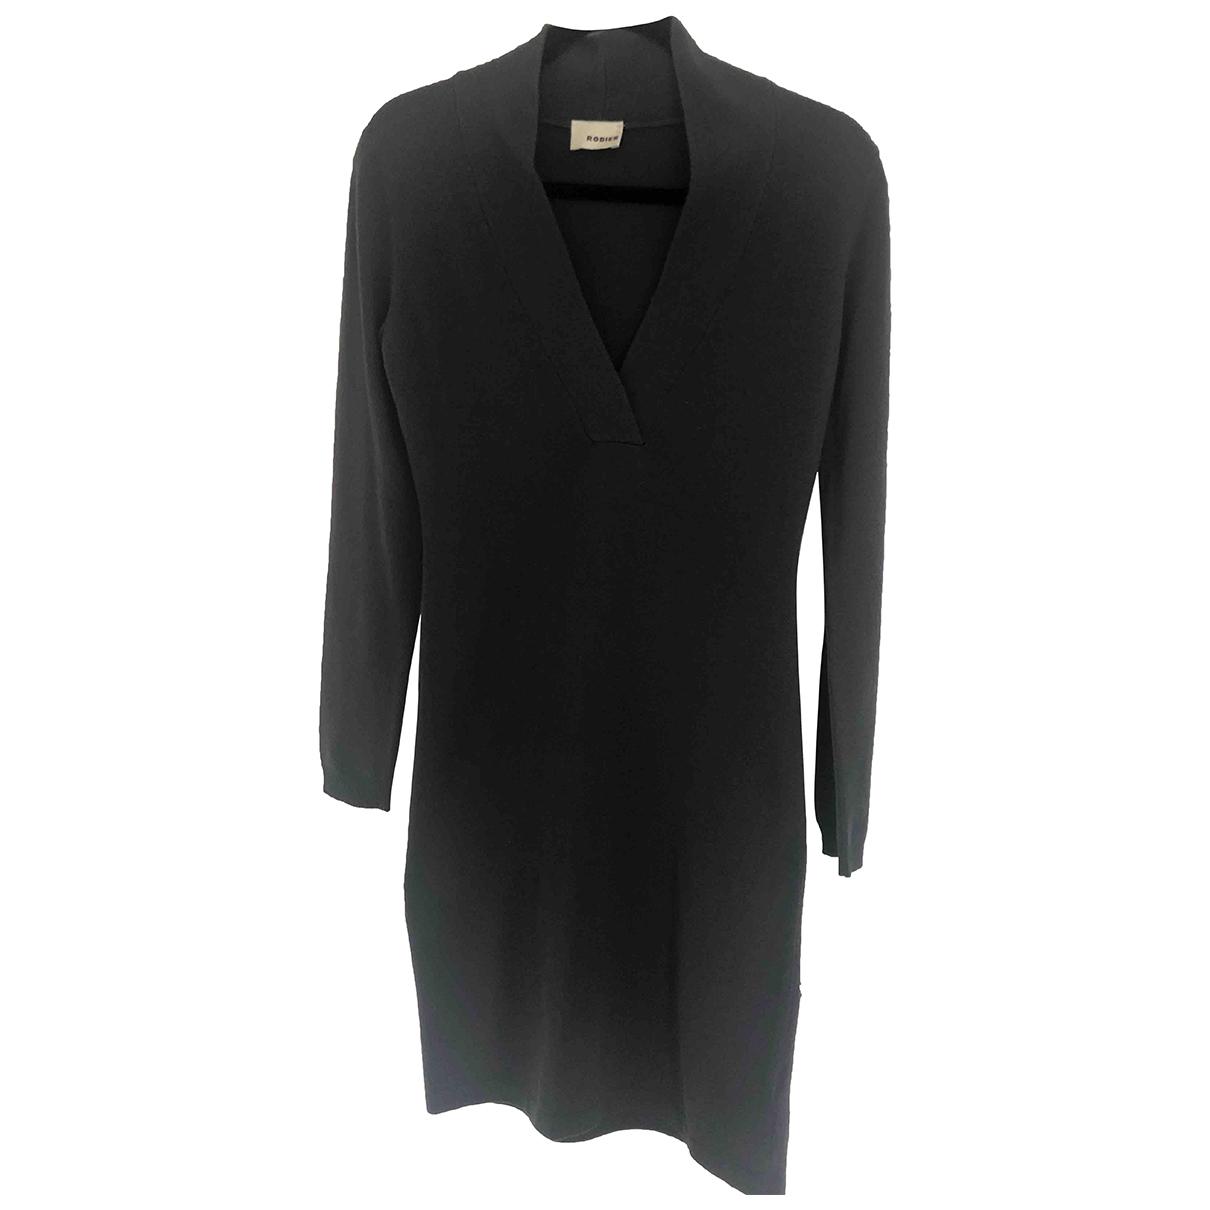 Rodier \N Grey Wool dress for Women 36 FR